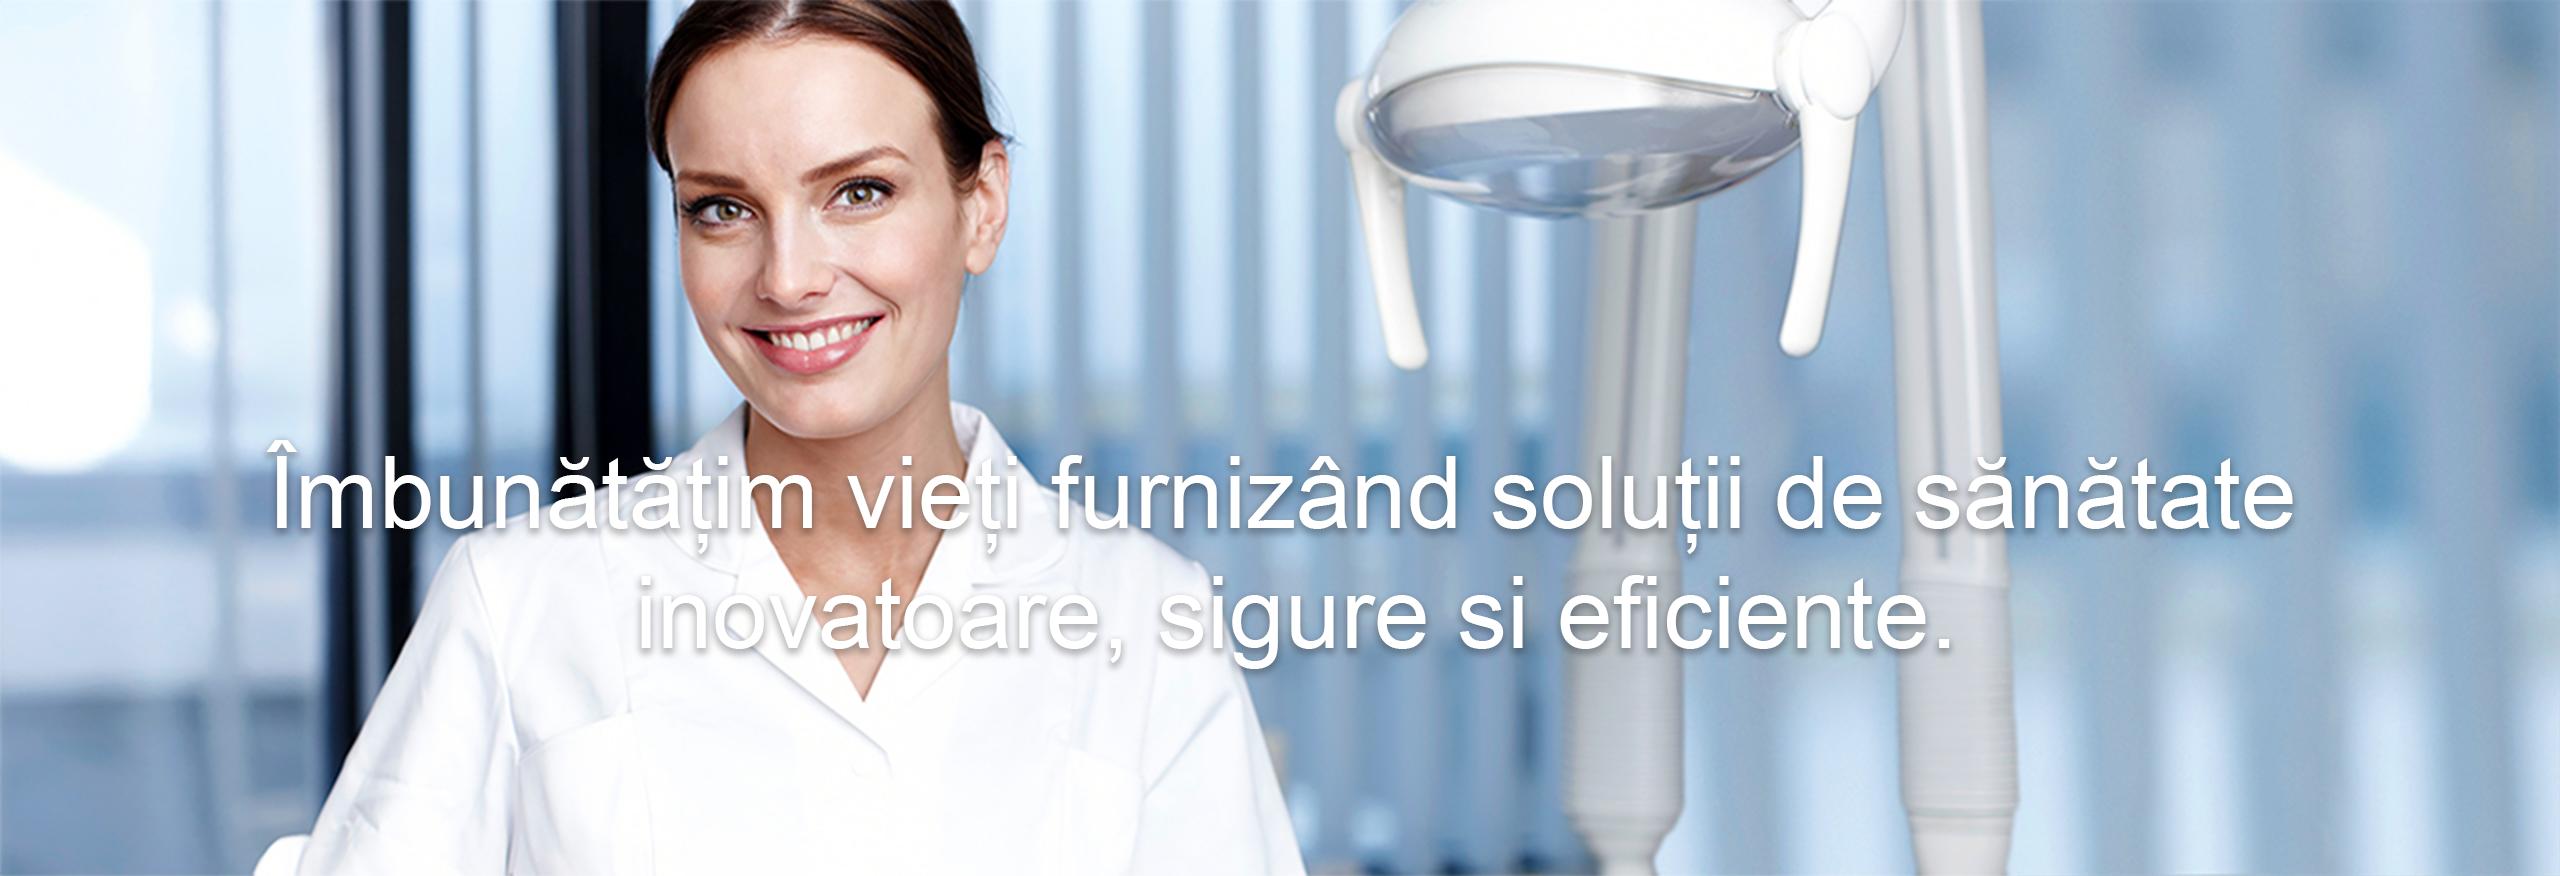 Îmbunătățim viața oferind soluții inovatoare, sigure și eficiente de asistență medicală